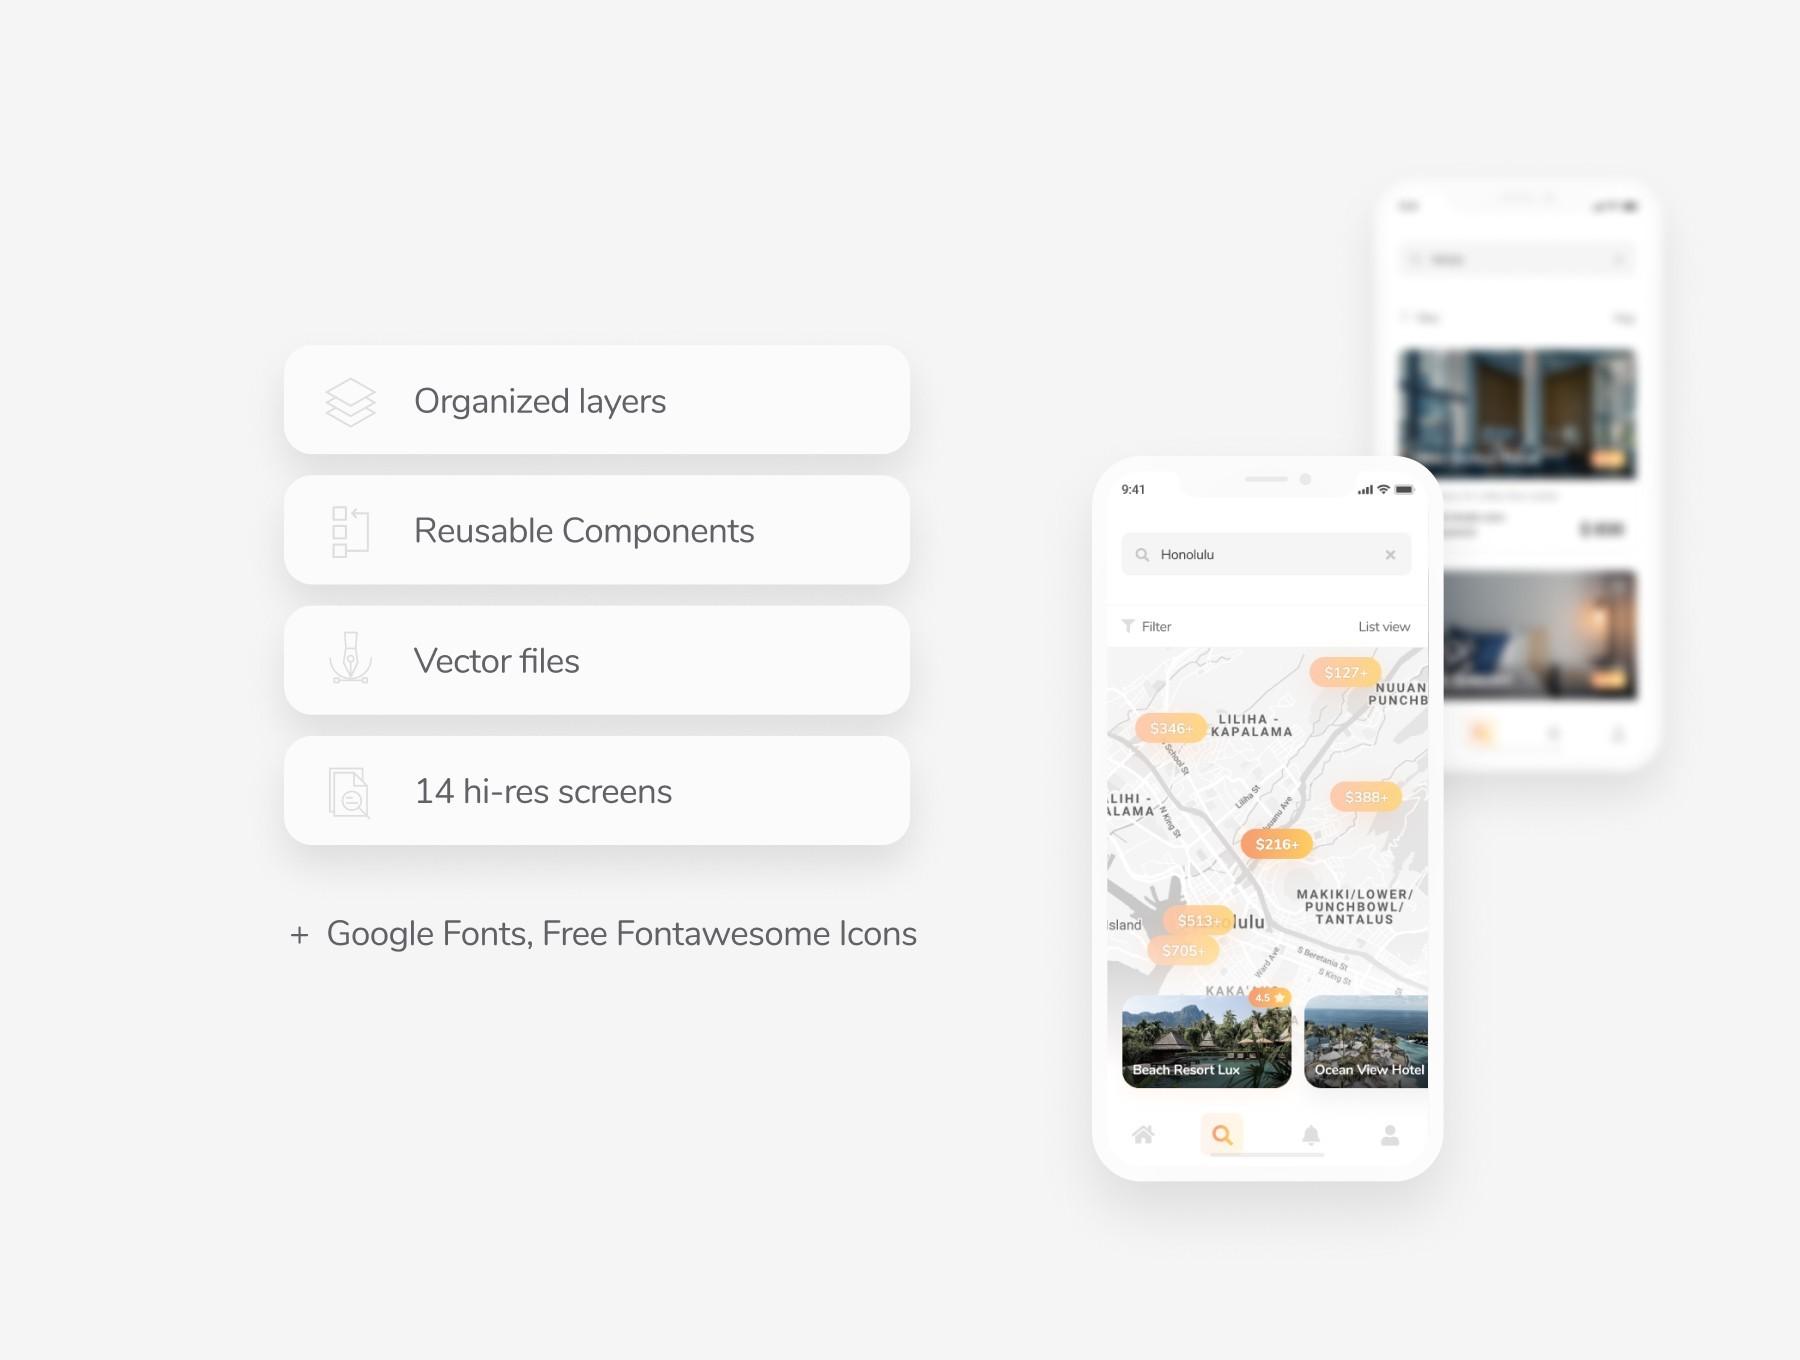 高大上酒店类APP UI kit模板免费下载,免费UI资源下载,figma源文件下载